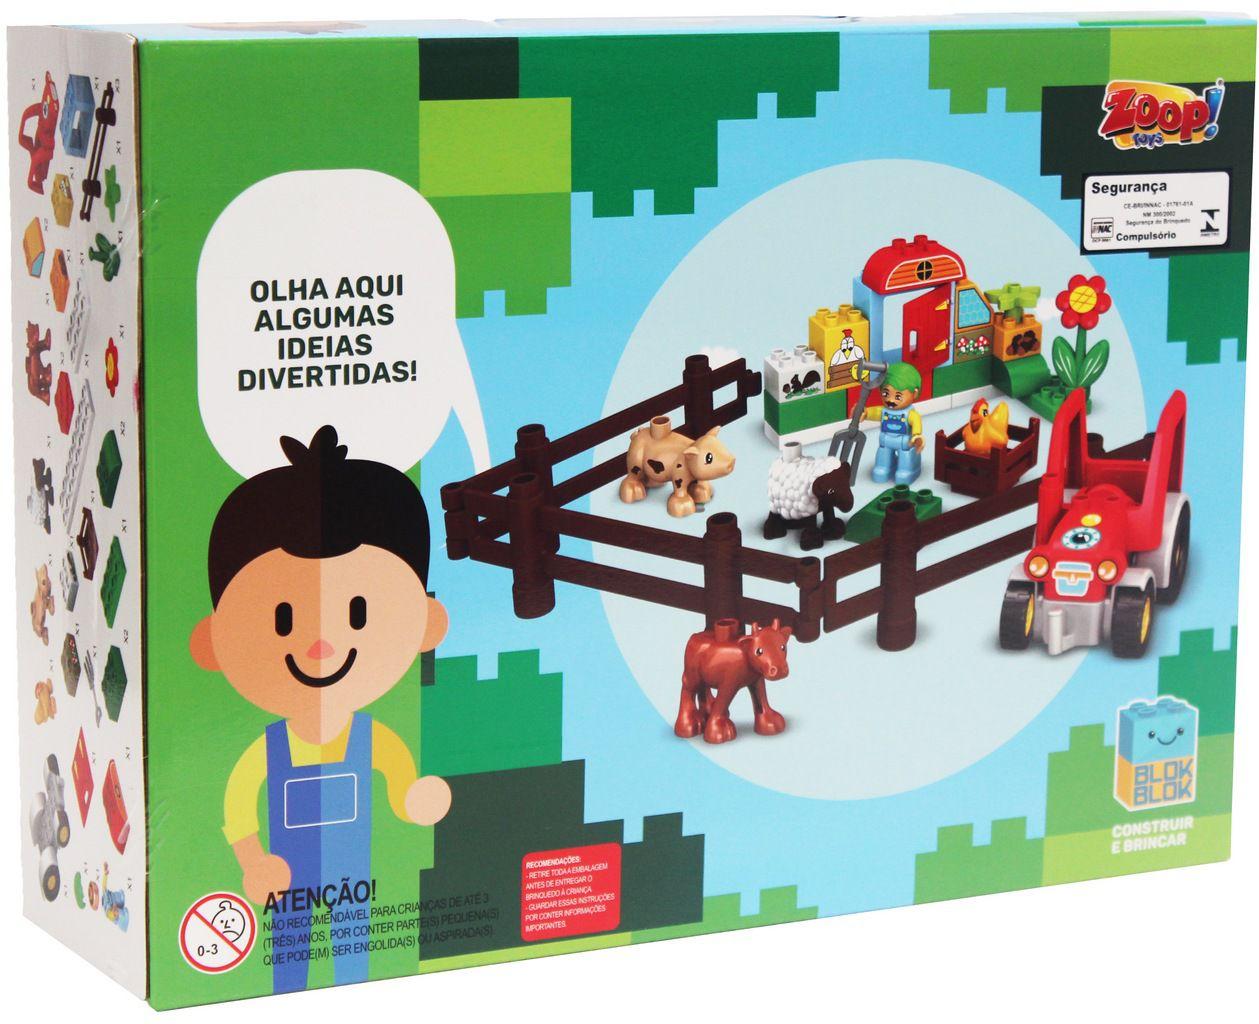 Bloco De Montar Infantil Menina Menino 35 Peças Um Dia Na Fazendinha Certificado Inmetro Modelo ZP00654 Original Zoop Toys